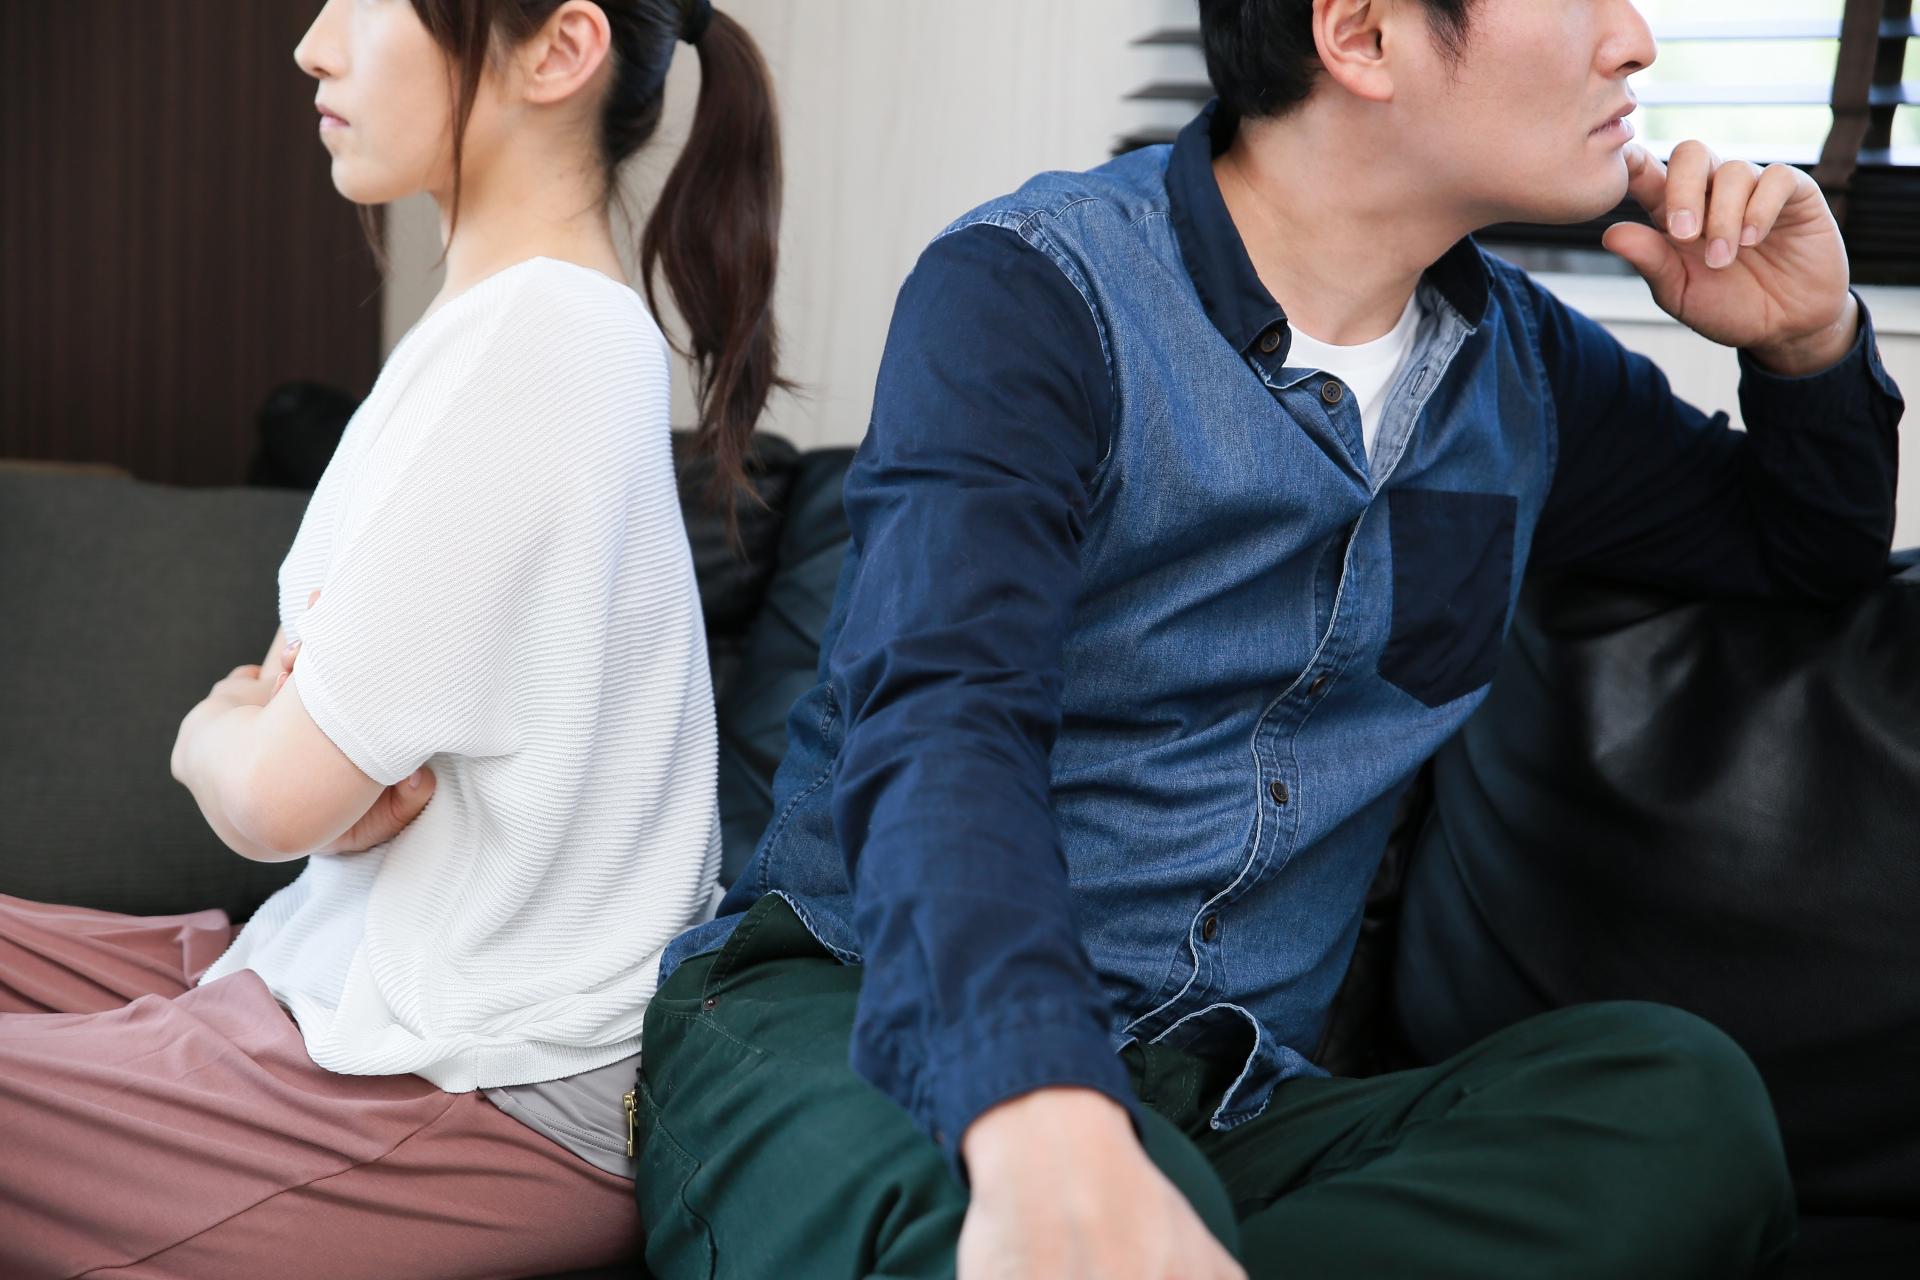 Muốn chồng cũ tiếc hùi hụi, phụ nữ hãy làm những điều này sau khi ly hôn